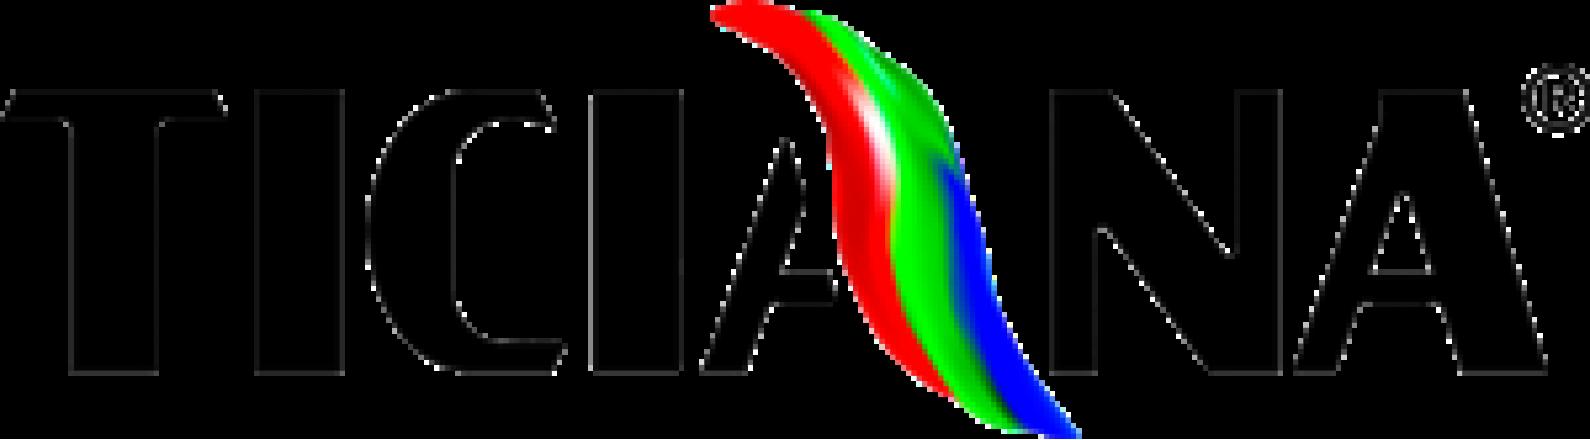 Материалы Ticiana - официальный сайт/магазин производителя